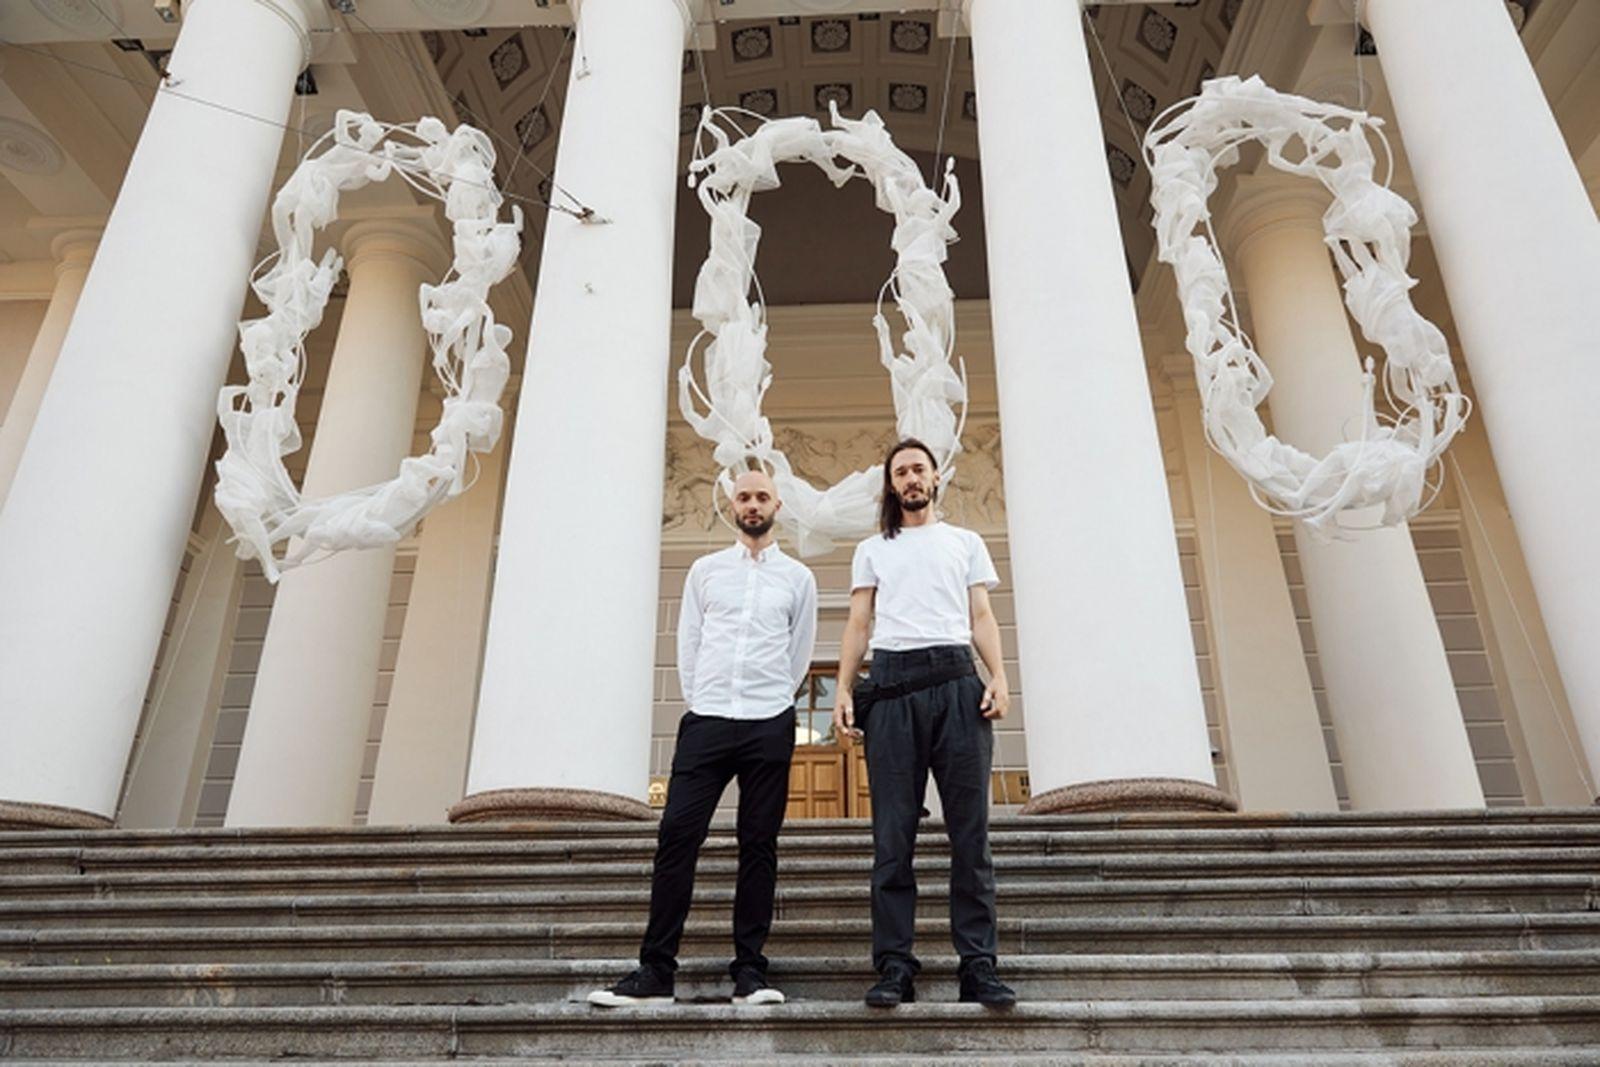 В дуэте Recycle group художники работают с 2008 года / Андрей Блохин и Георгий Кузнецов, фотограф Дмитрий Смирнов